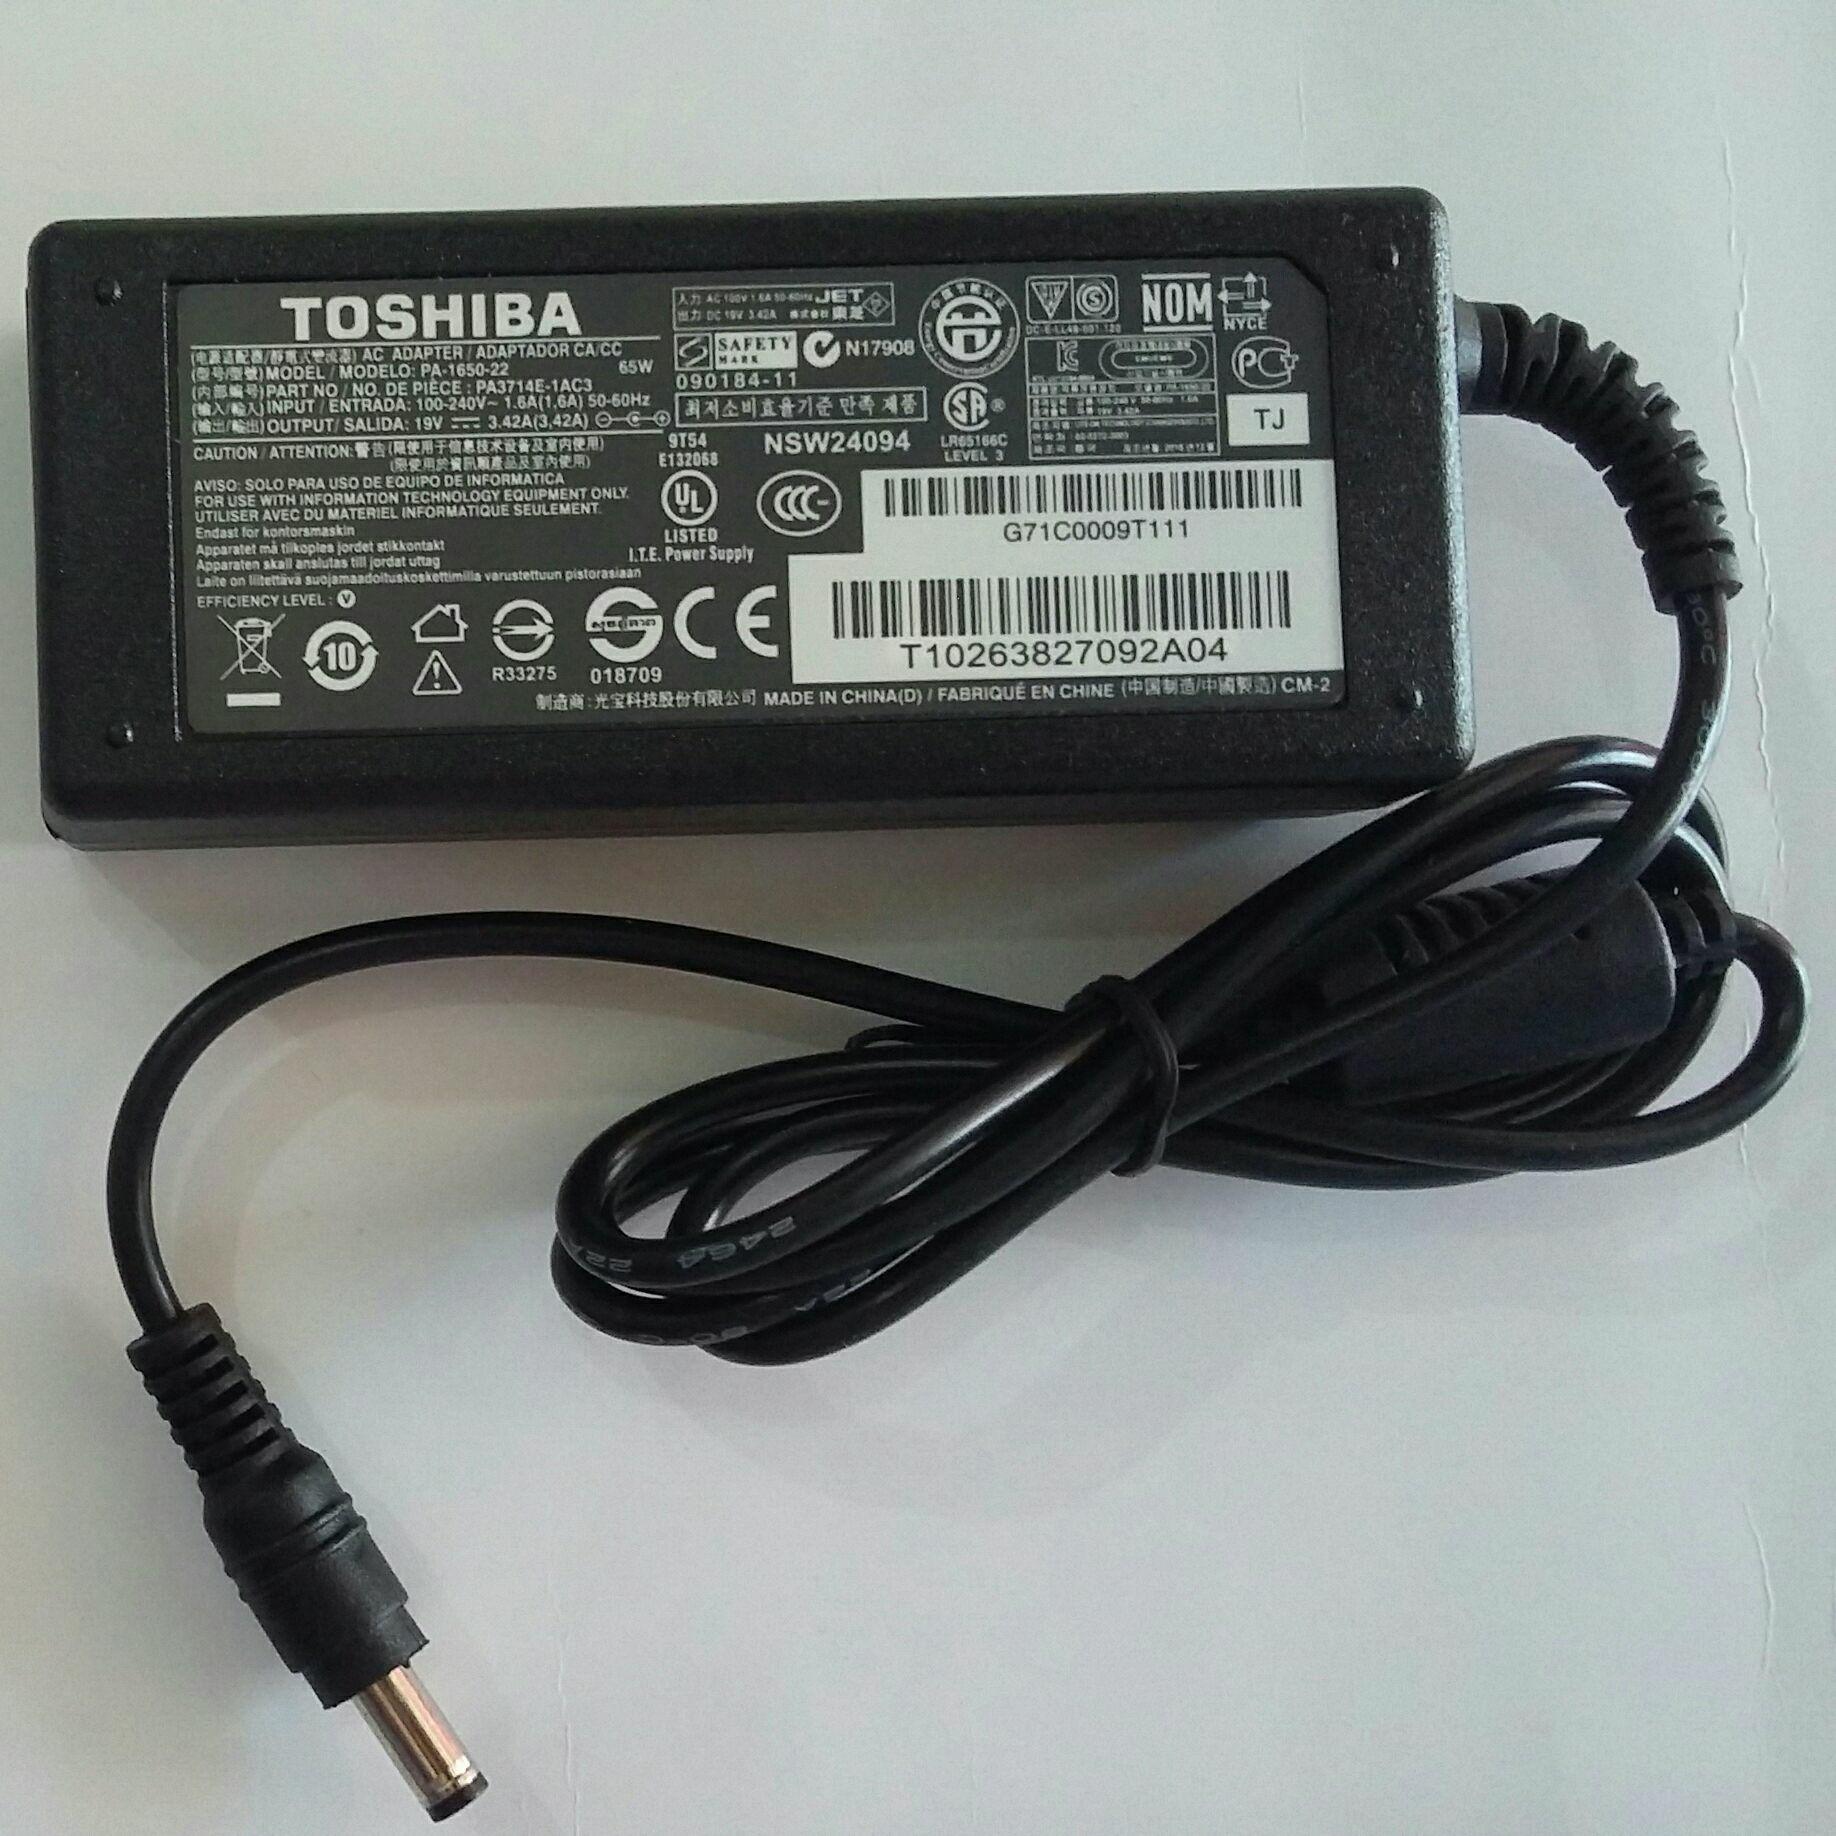 Original Baterai Toshiba A600 L600 C600 C640 L635 L640 L645 Keyboard L735 L745 Series Adaptor L510